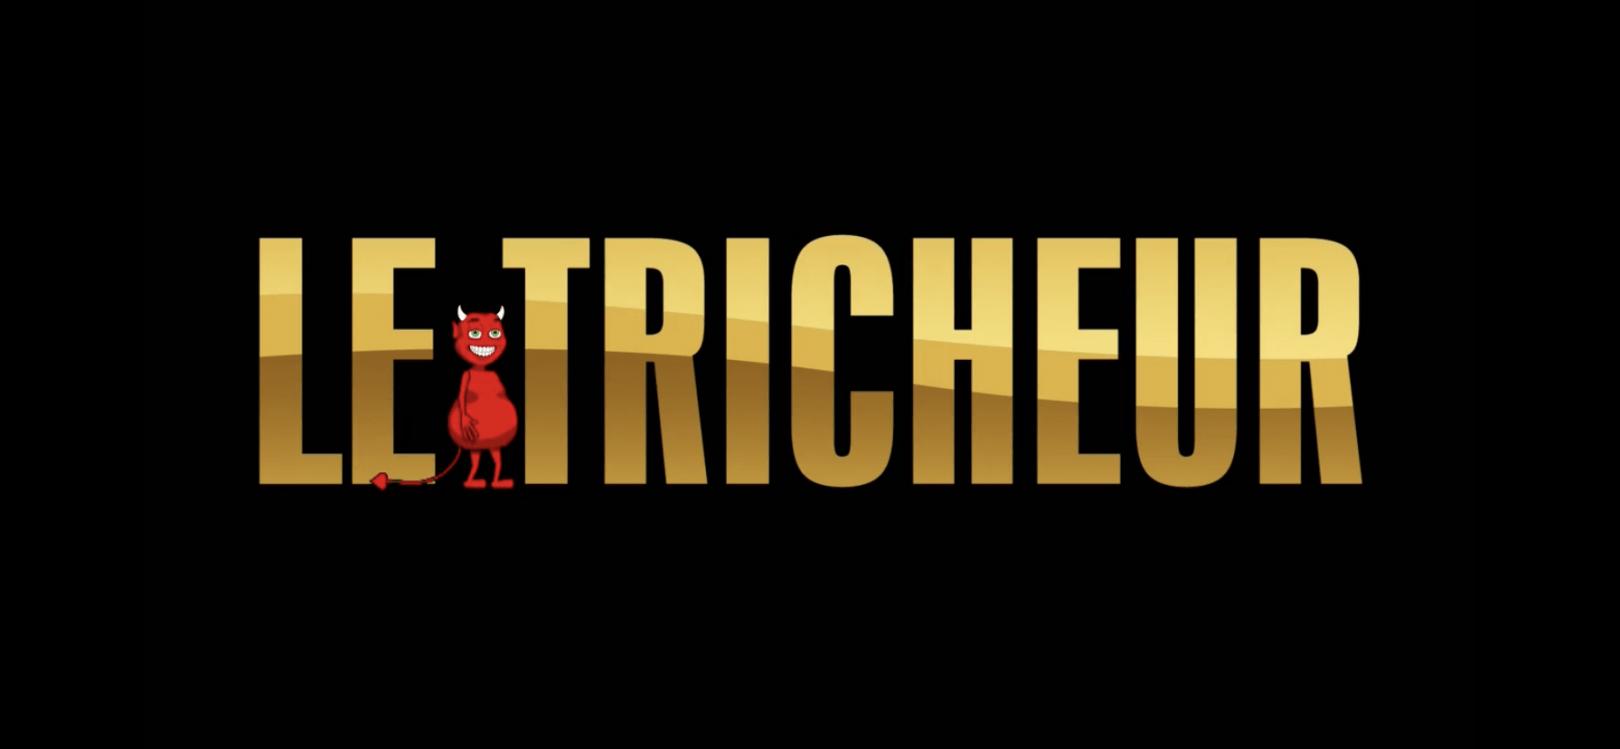 Le Tricheur